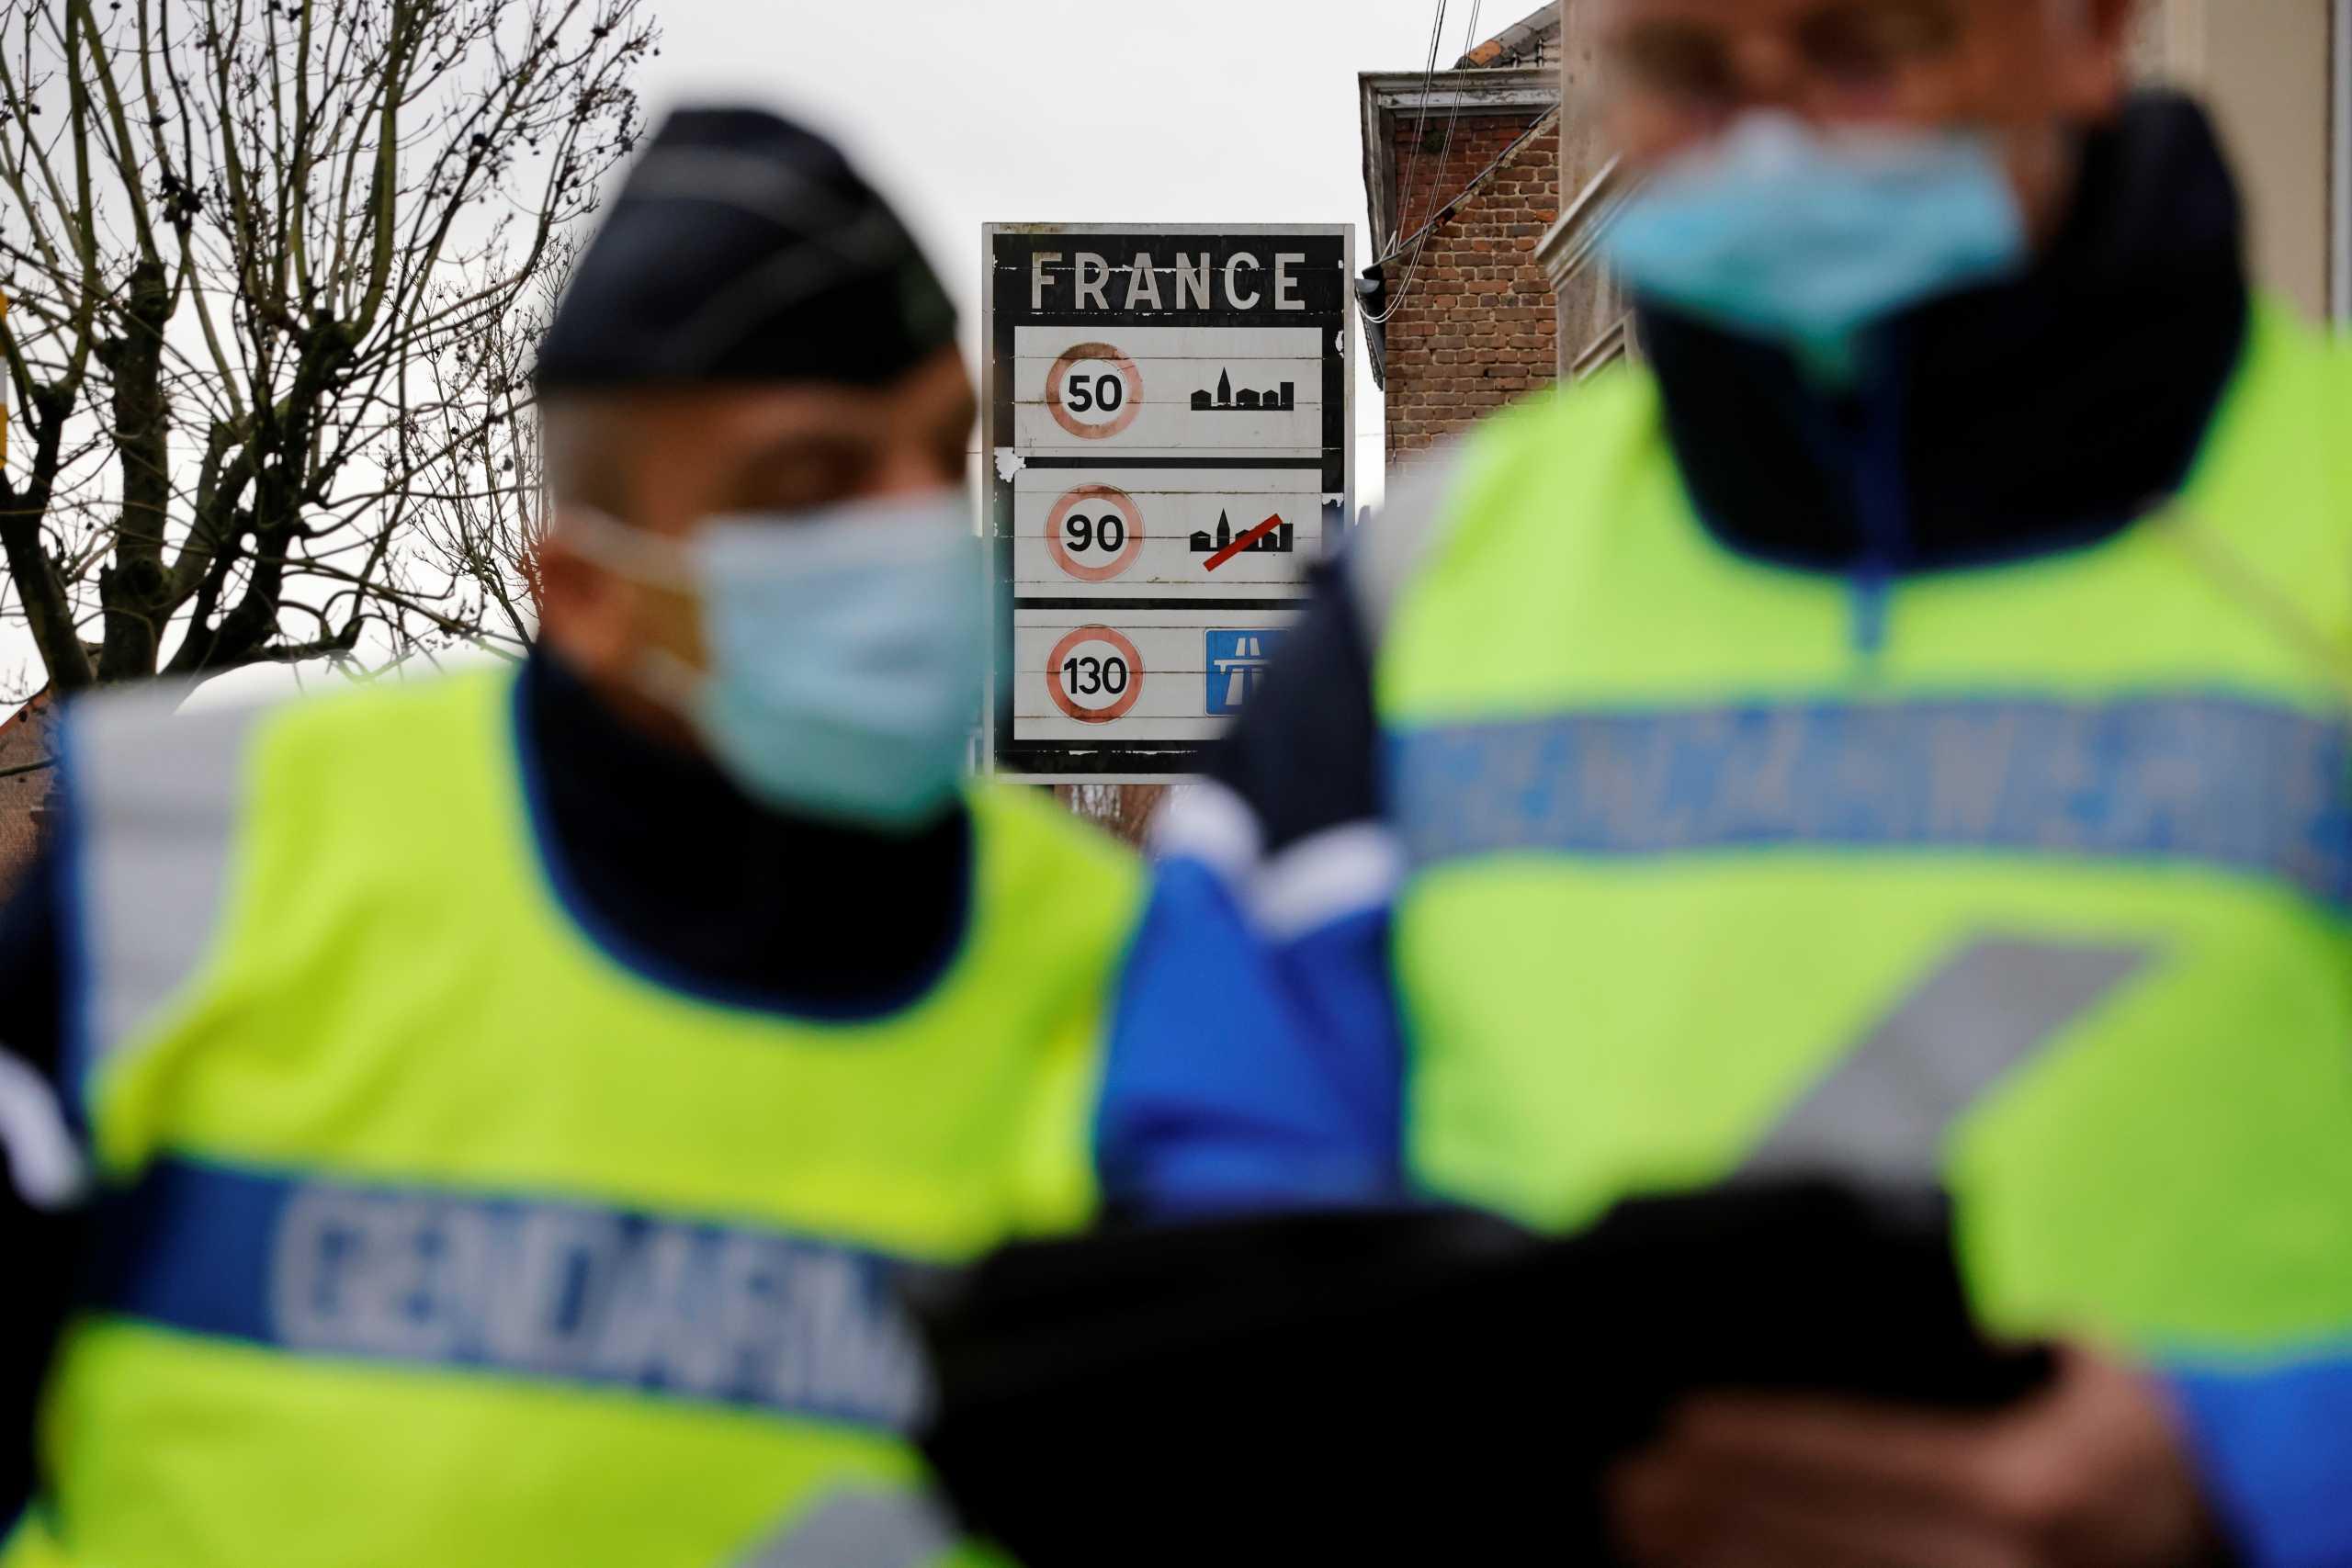 Νέα αυστηρά μέτρα στα σύνορα Γαλλίας – Γερμανίας για τον κορονοϊό